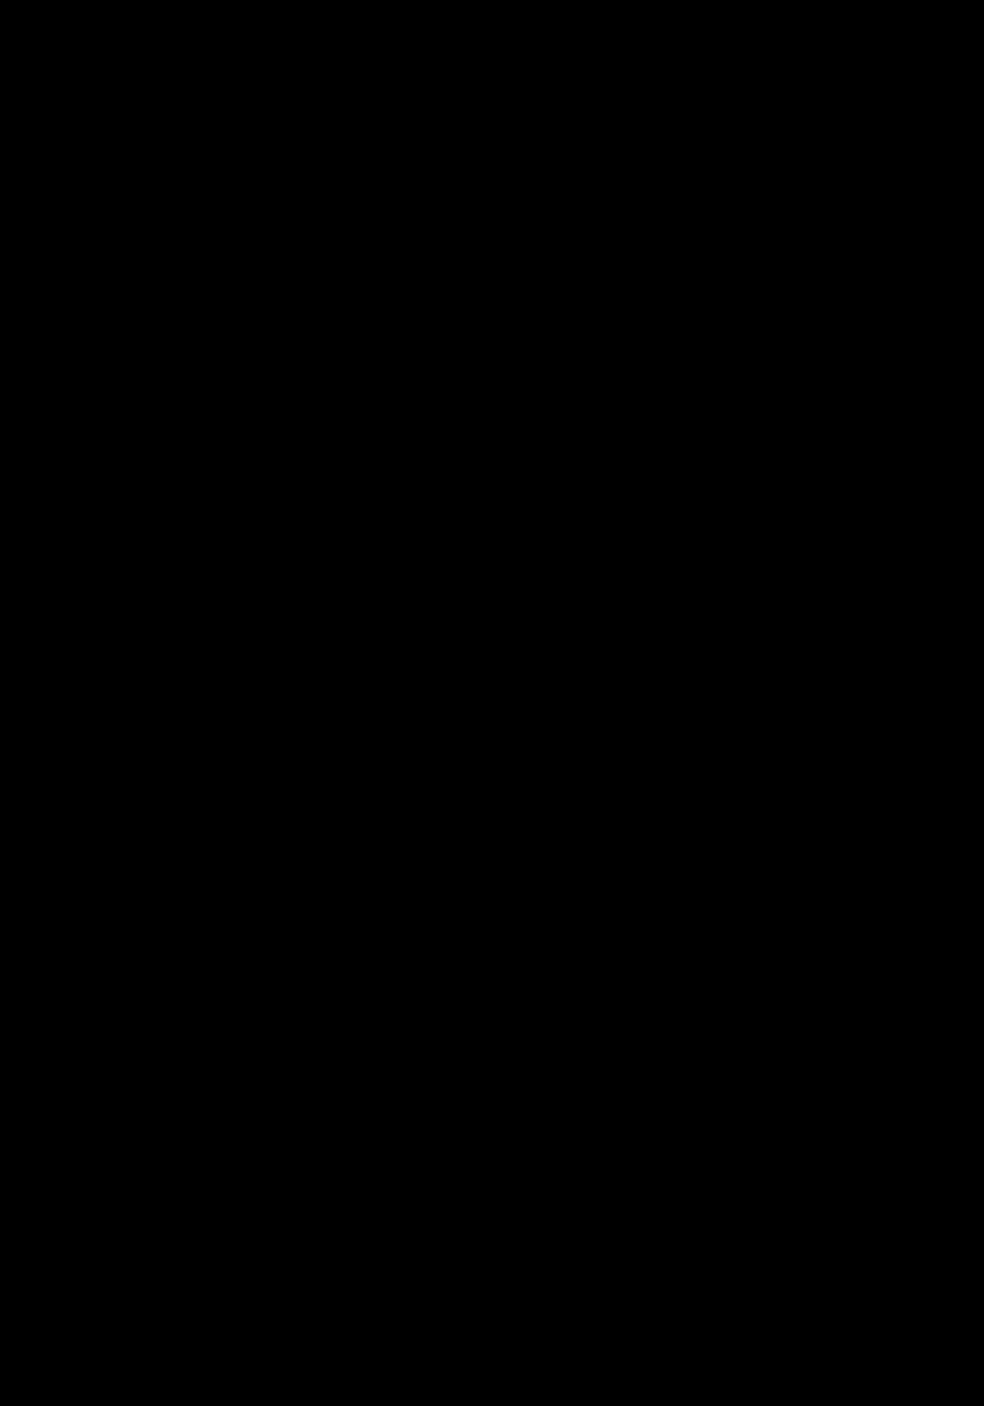 ゴーシャ O OSG 横組見本